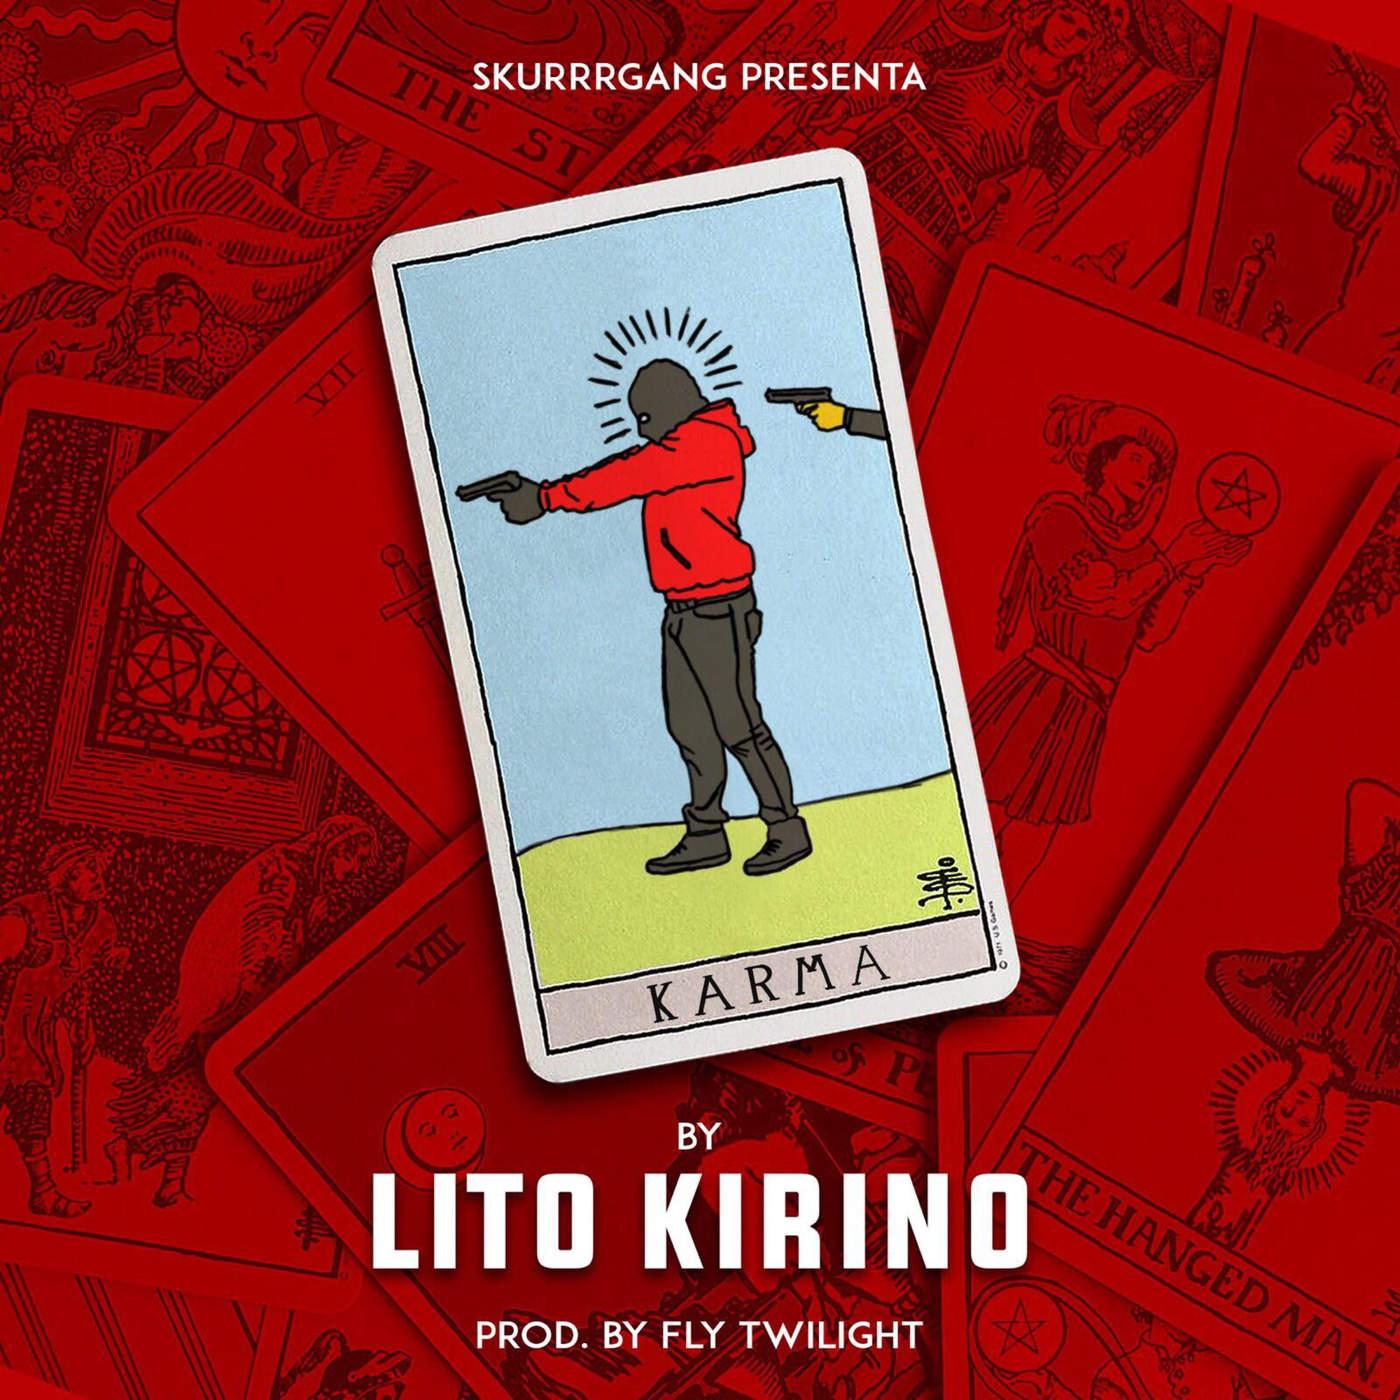 Lito Kirino - Karma - Single